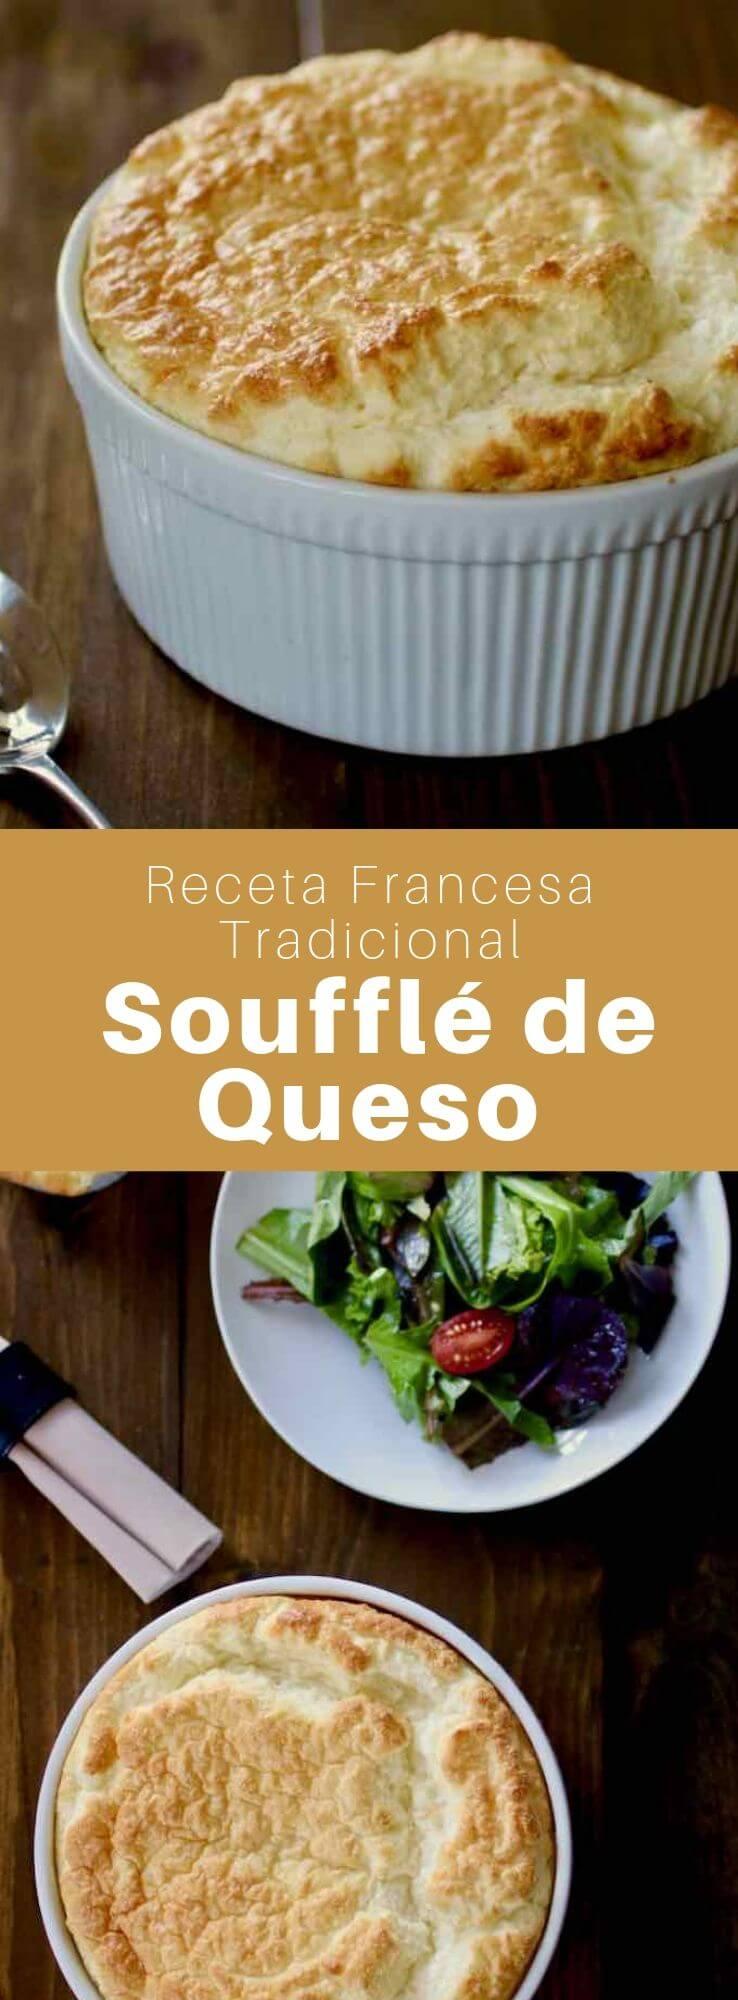 El suflé de queso es una especialidad clásica francesa. Es un tipo de suflé que se prepara con queso, bechamel y huevos.